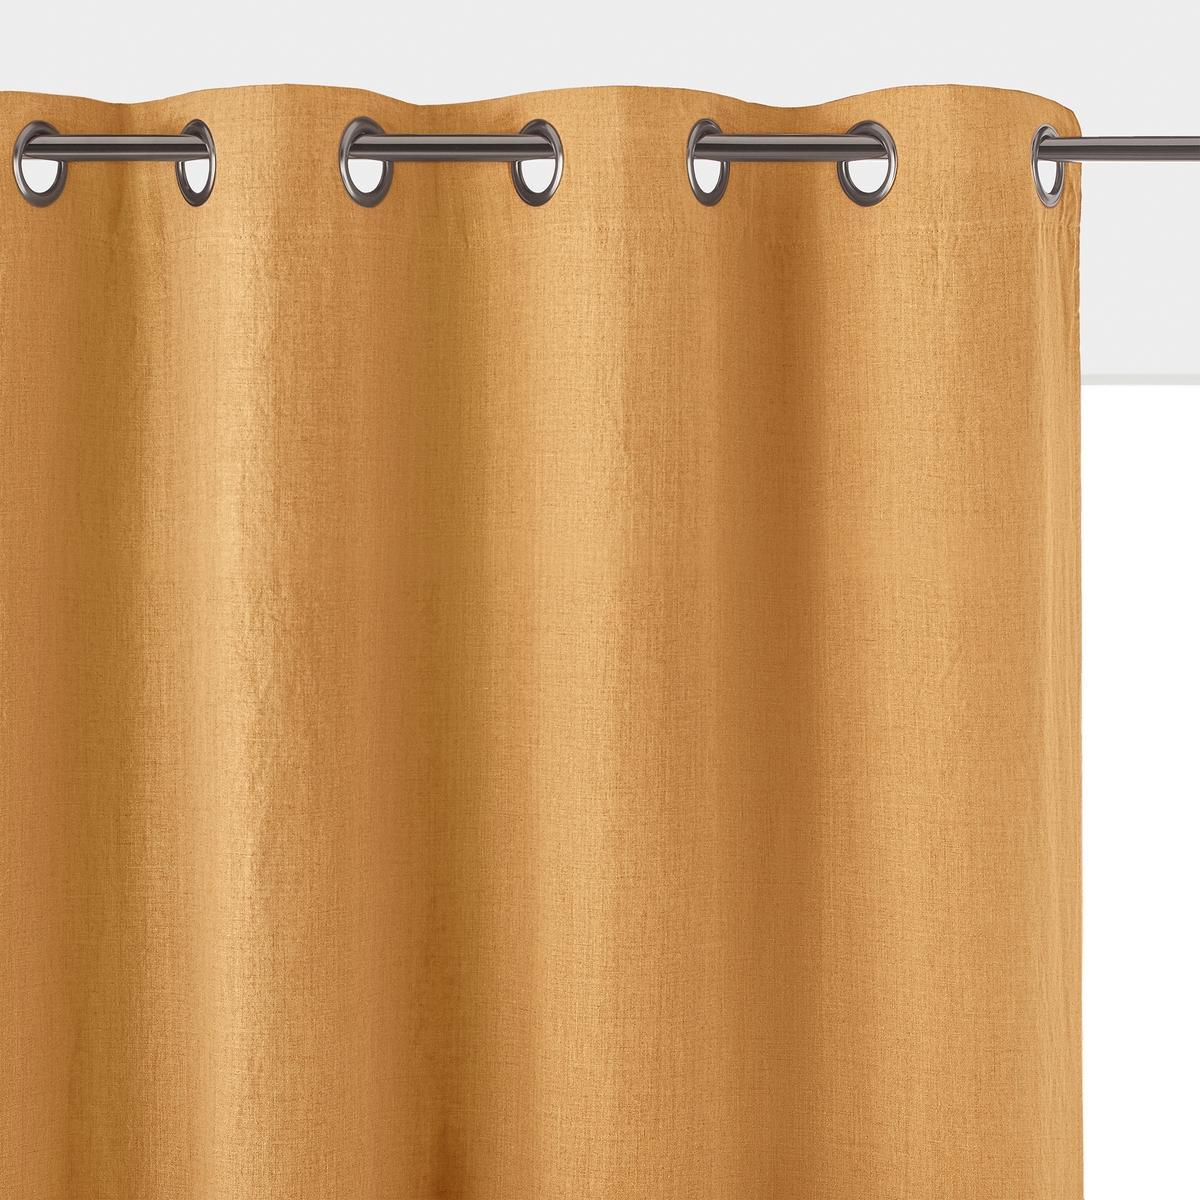 Штора затемняющая из стираного льна с люверсами, ONEGAКачество BEST, затемняющая штора из стираного льна Onega. 100% стираный лен с легким жатым эффектом и со складками. Затемняющая подкладка того же цвета обеспечивает отличную защиту от света.Характеристики затемняющей шторы из стираного льна Onega :Качество BEST, требование качества.100% лен.Затемняющая подкладка в тон, 100% полиэстер, для цвета экрю и белого цветаОтделка люверсами цвета темно-серый металлик.Всю коллекцию Onega вы можете найти на сайте laredoute.ruРазмеры затемняющей шторы из стираного льна Onega :Высота. 180 x Ширина. 135 смВысота. 220 x Ширина. 135 смВысота. 260 x Ширина. 135 смВысота. 350 x Ширина. 135 смЗнак Oeko-Tex® гарантирует, что товары прошли проверку и были изготовлены без применения вредных для здоровья человека веществ.<br><br>Цвет: антрацит,белый,бледный сине-зеленый,зеленый,прусский синий,розовая пудра,серо-бежевый,терракота<br>Размер: 260 x 135 см